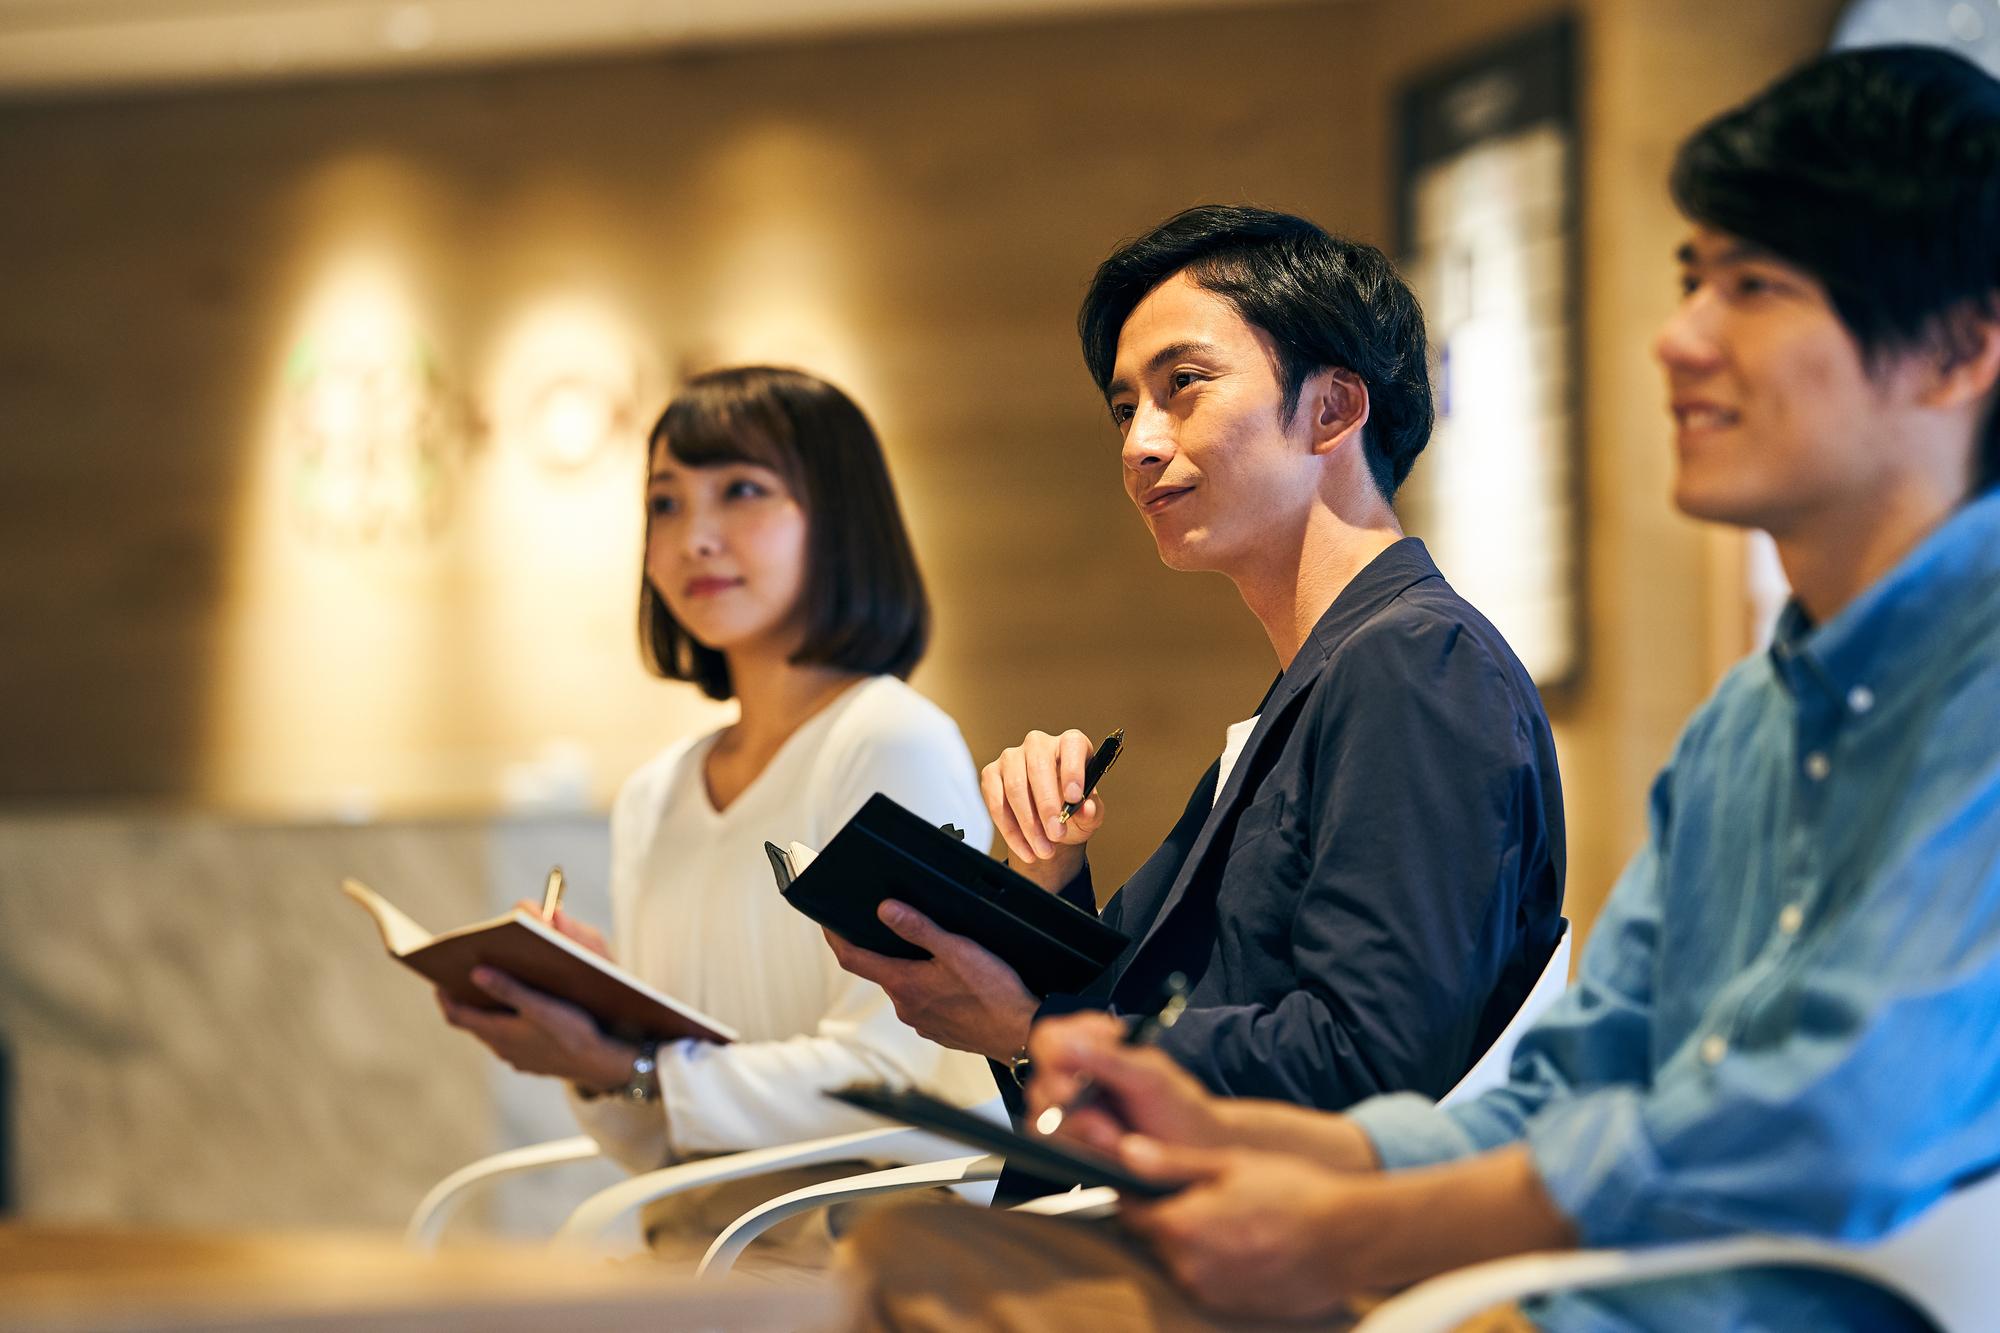 内定者研修を成功に導く4つのポイント|内定者辞退を防ぐための研修内容を紹介